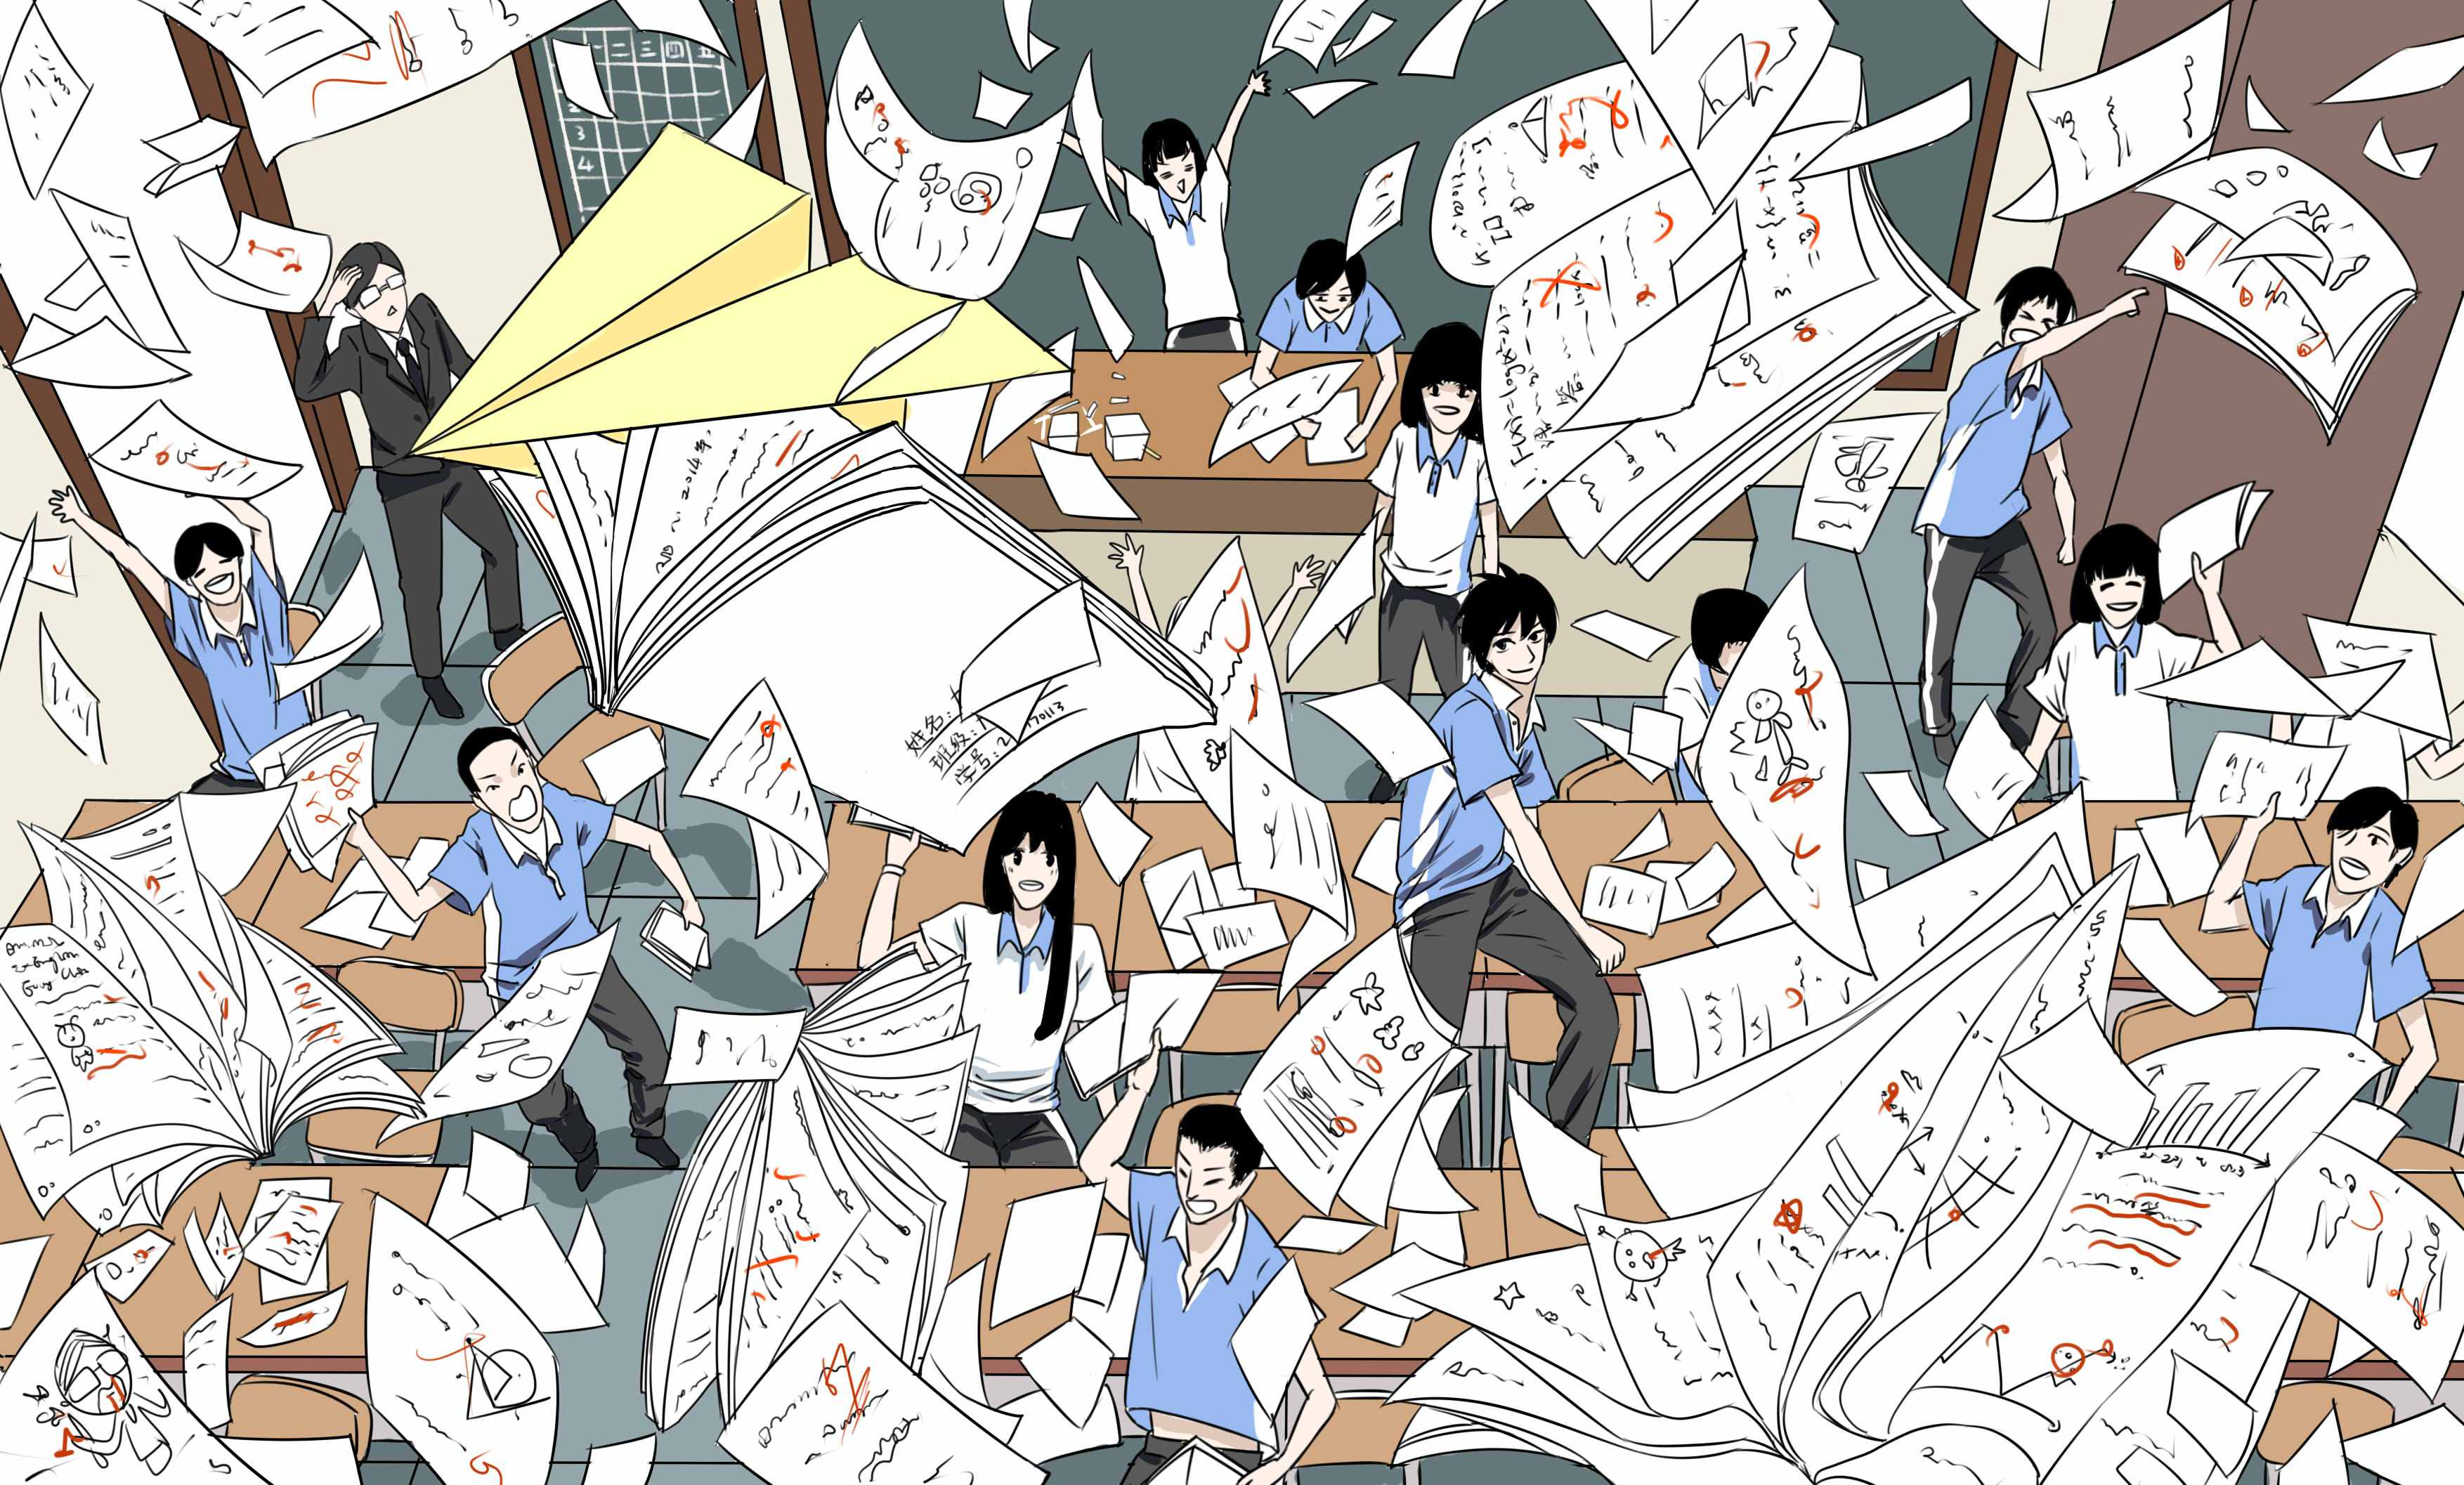 云南高考420分能报考哪些大学(文科+理科)